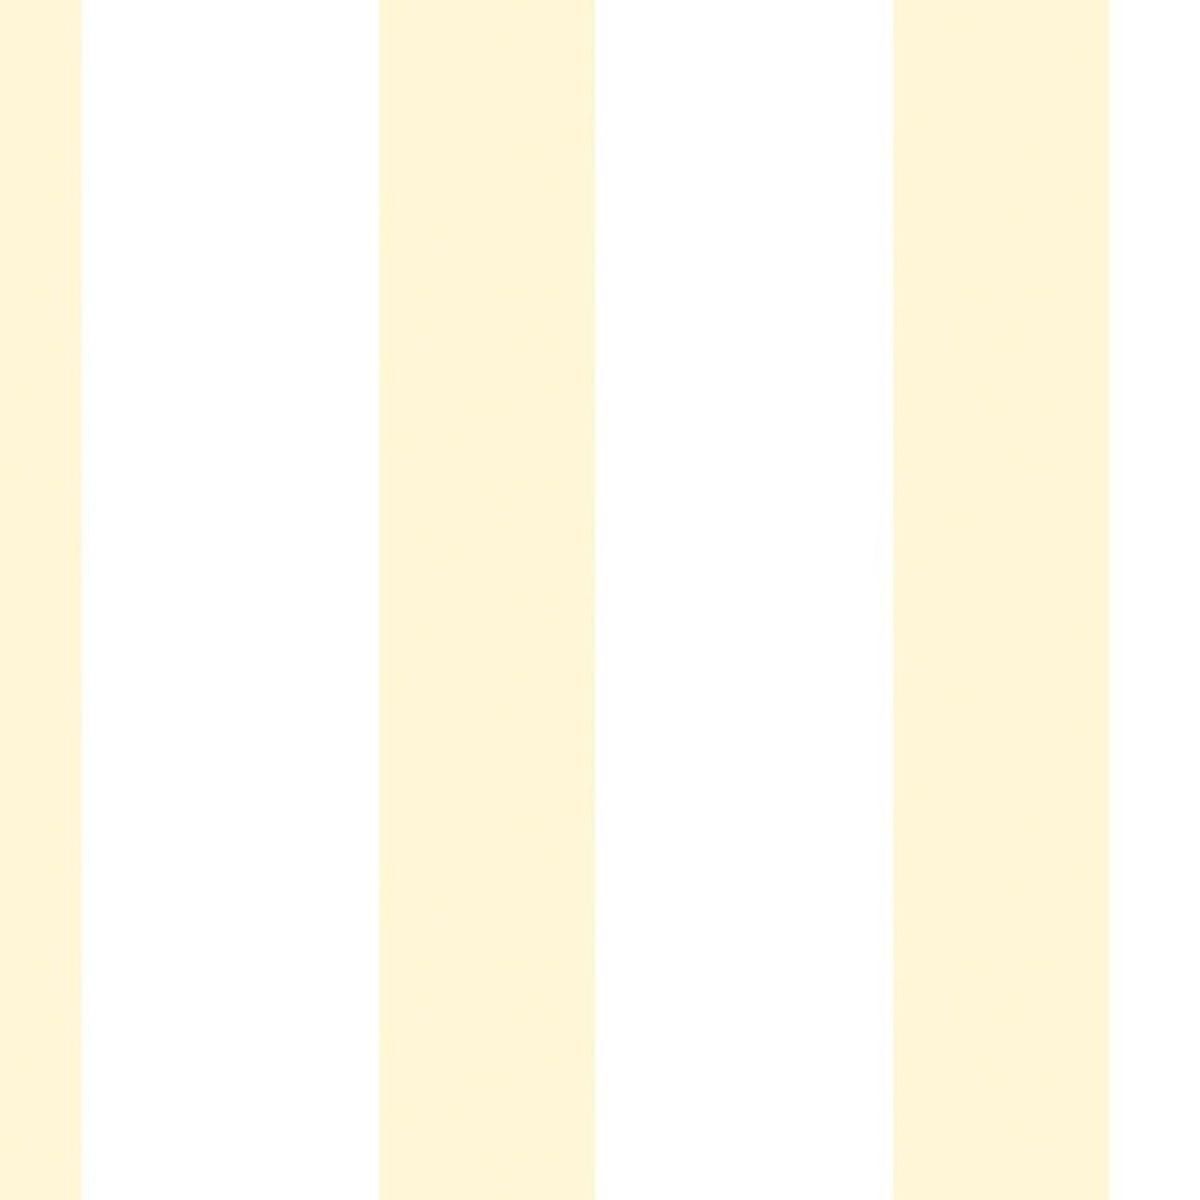 Обои виниловые Gaenari желтые 1.06 м 88244-2